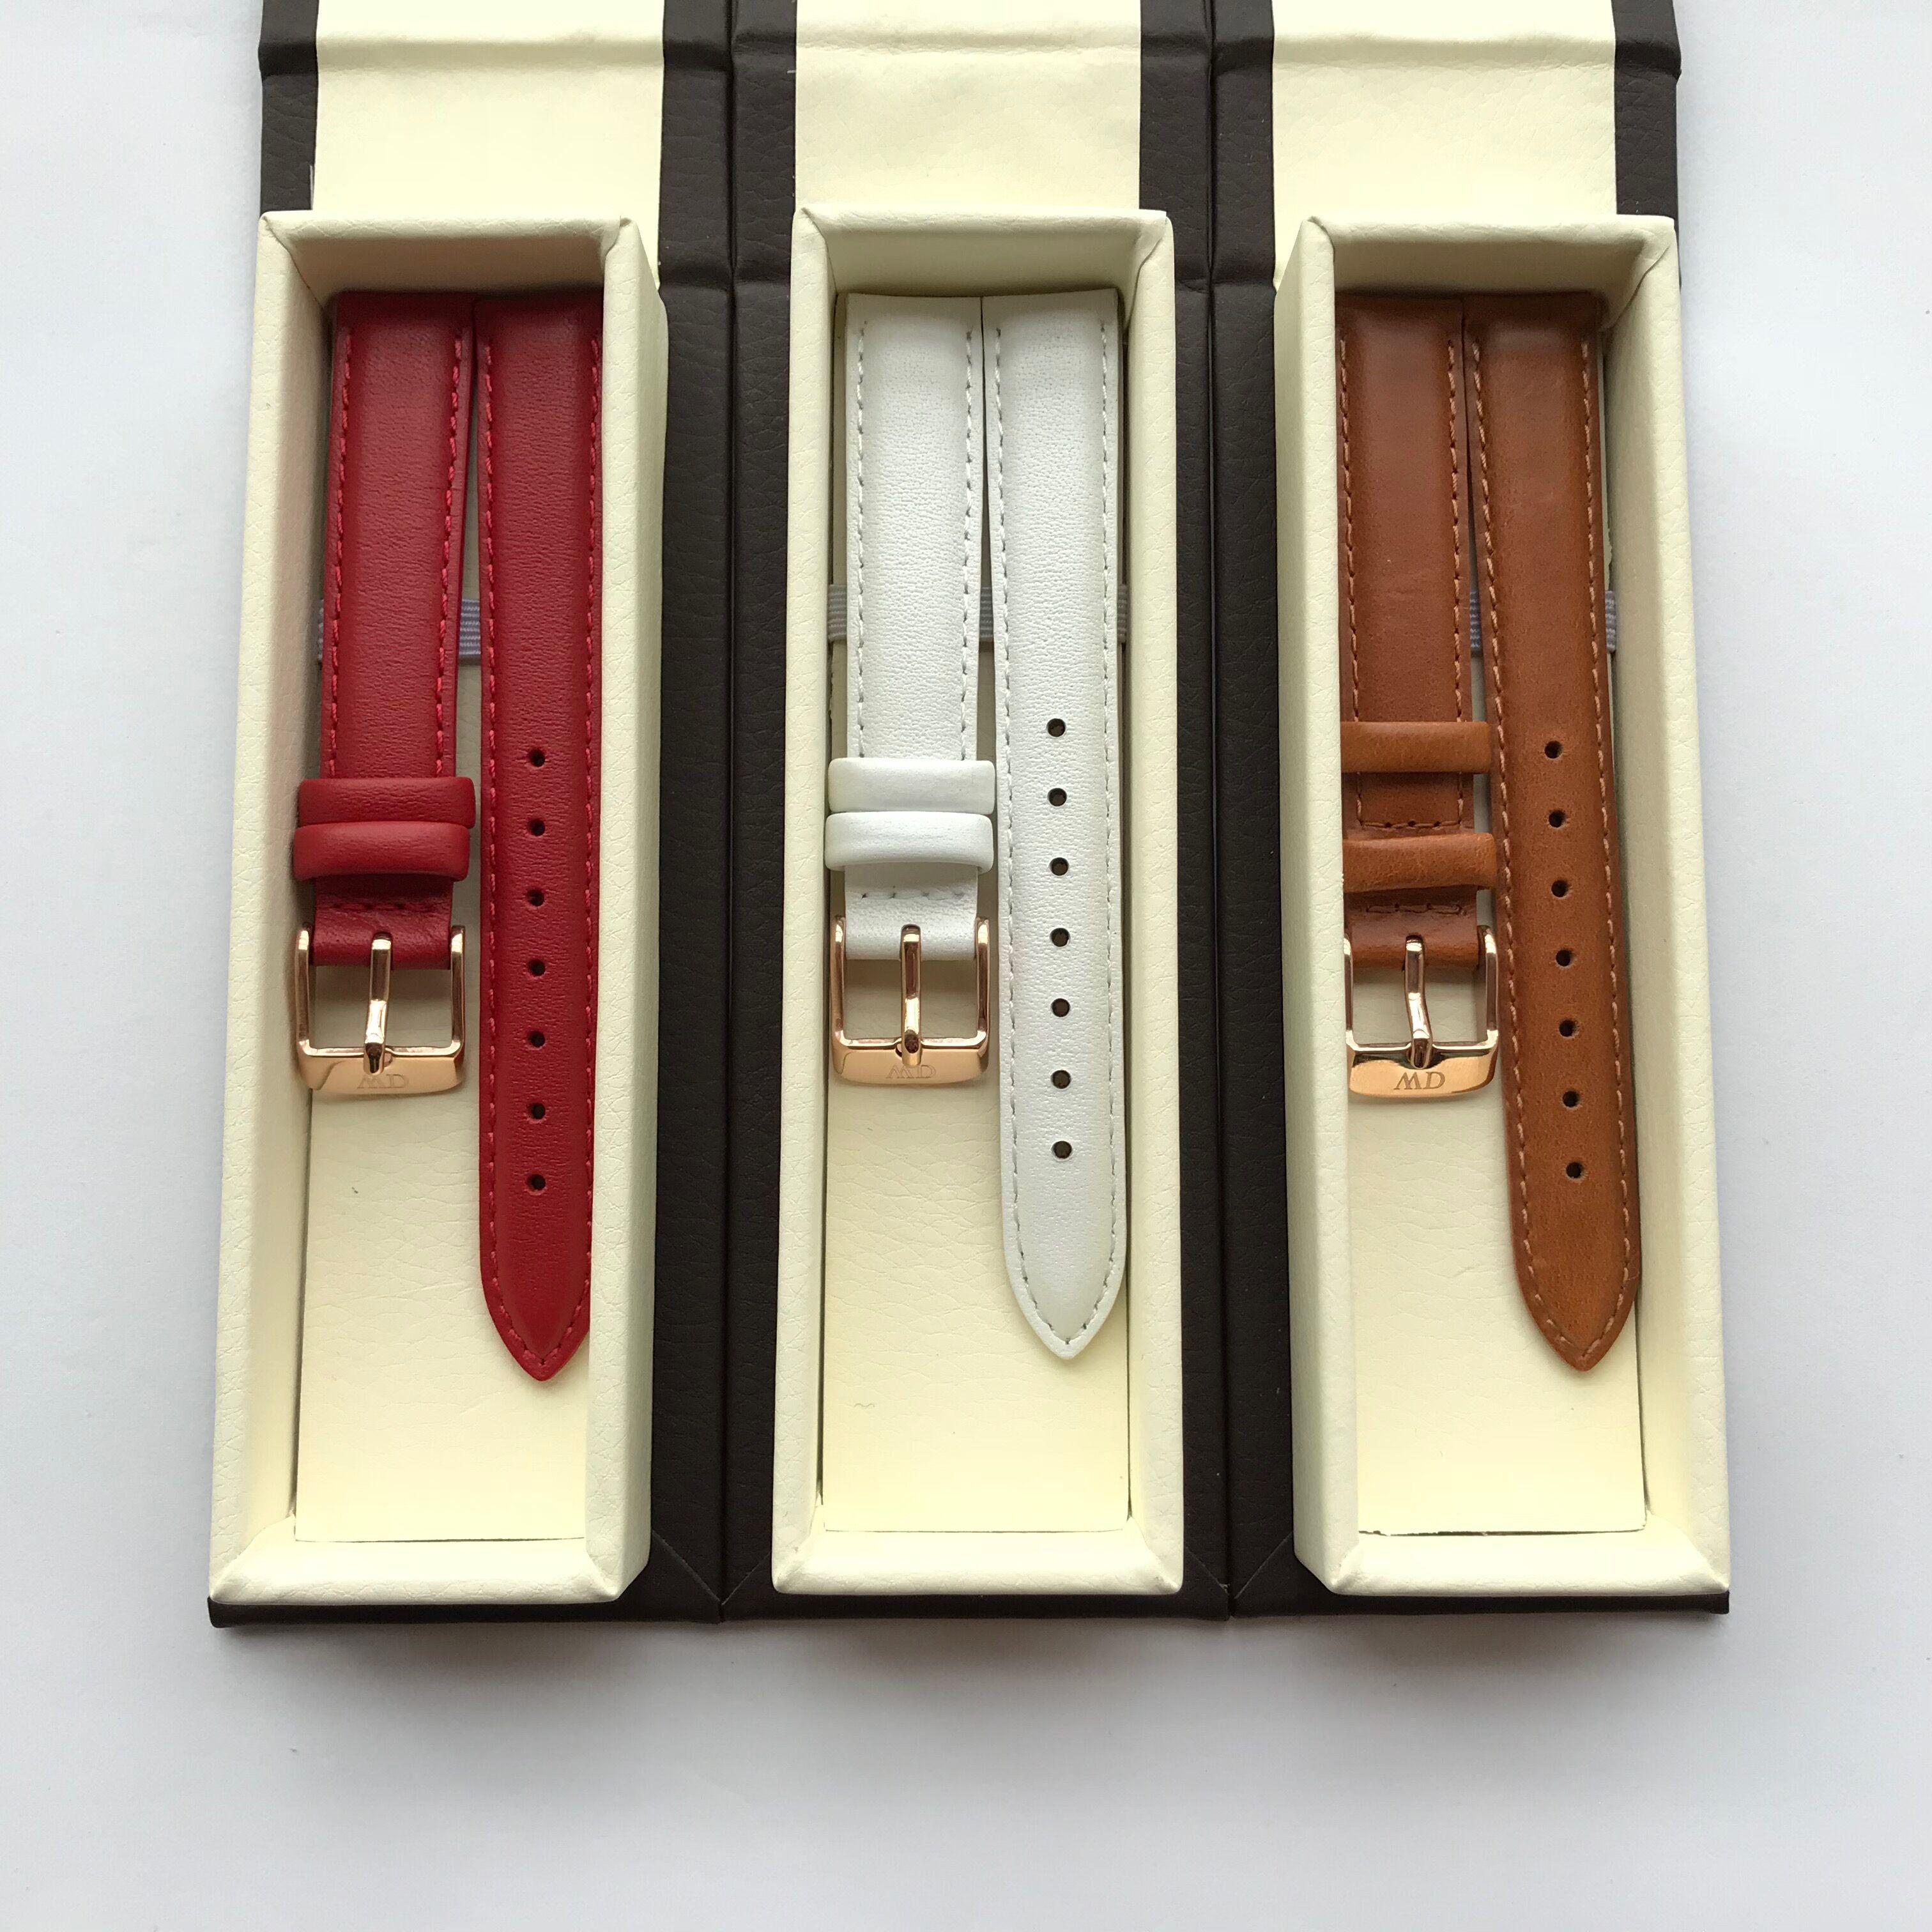 新款dw手表带女红色白色真皮带14mm12mm适配金属钢带32mm28mm表盘